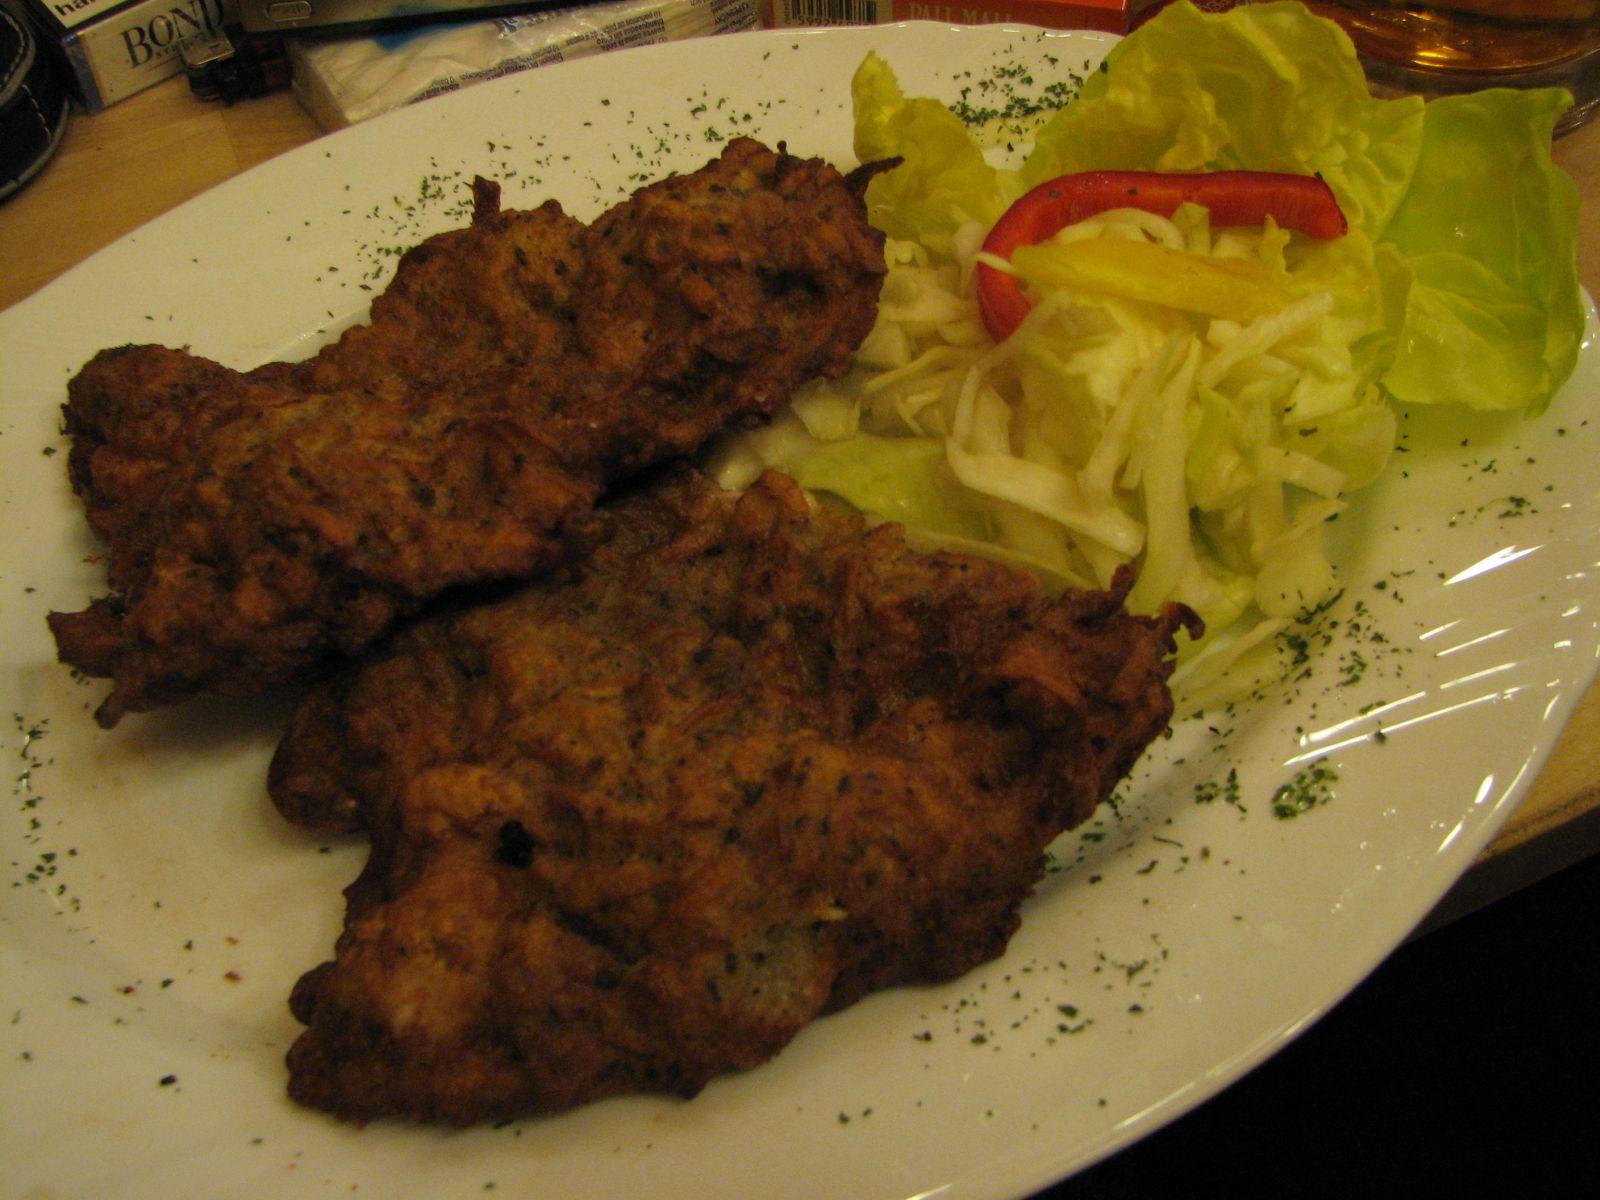 Chicken a la Jaromír